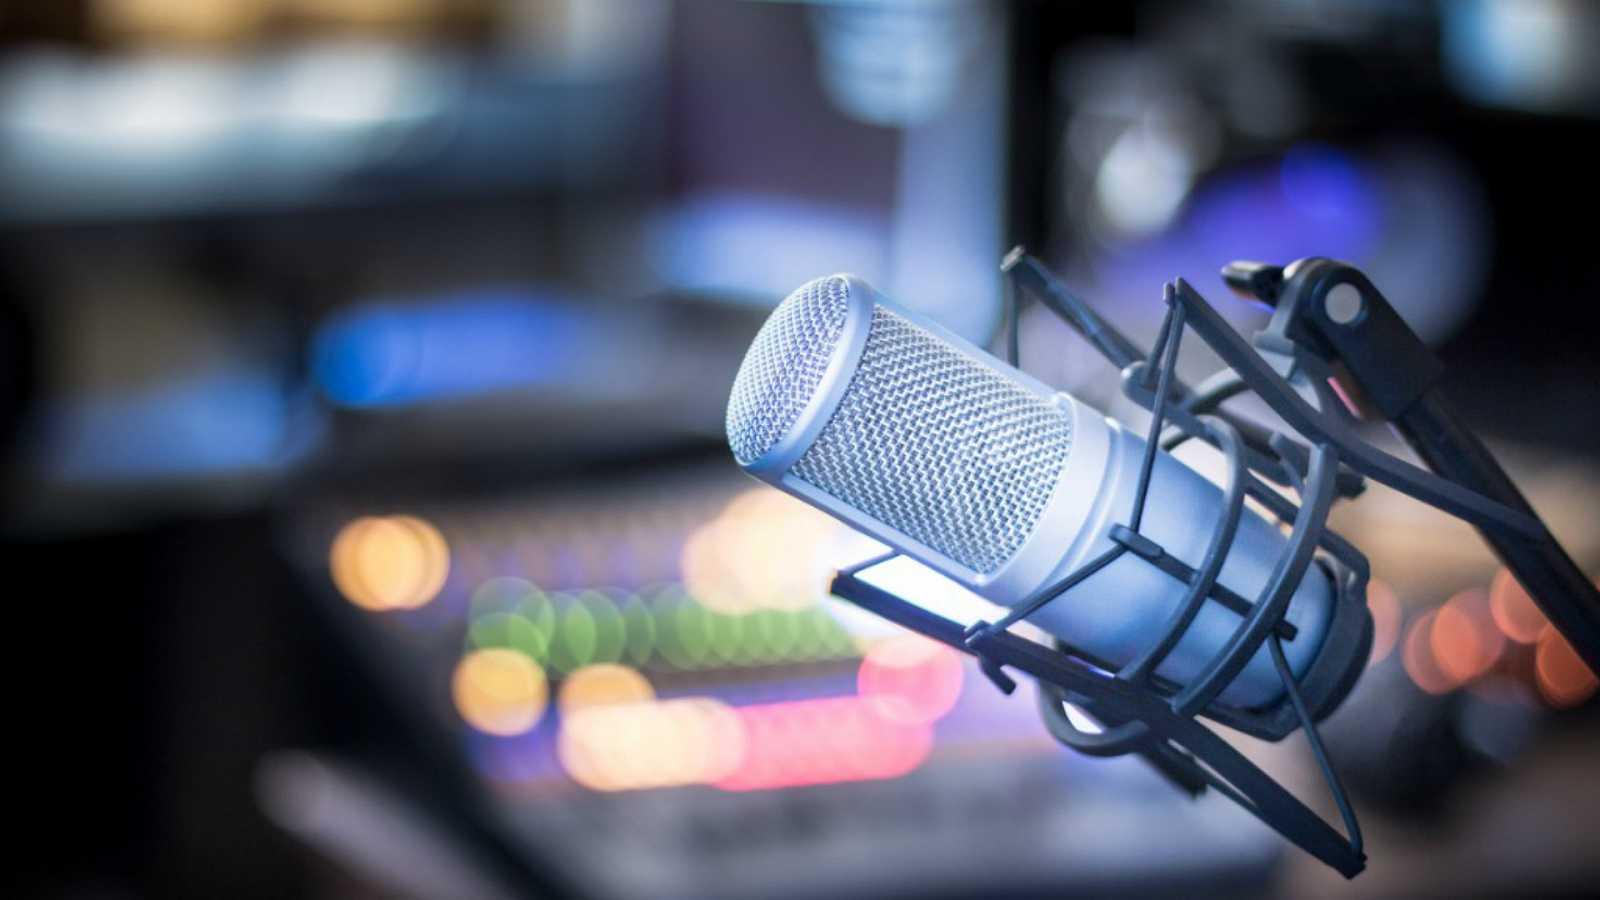 Ondas de ayer - Se acerca el 'Día Mundial de la Radio' - 07/02/20 - Escuchar ahora